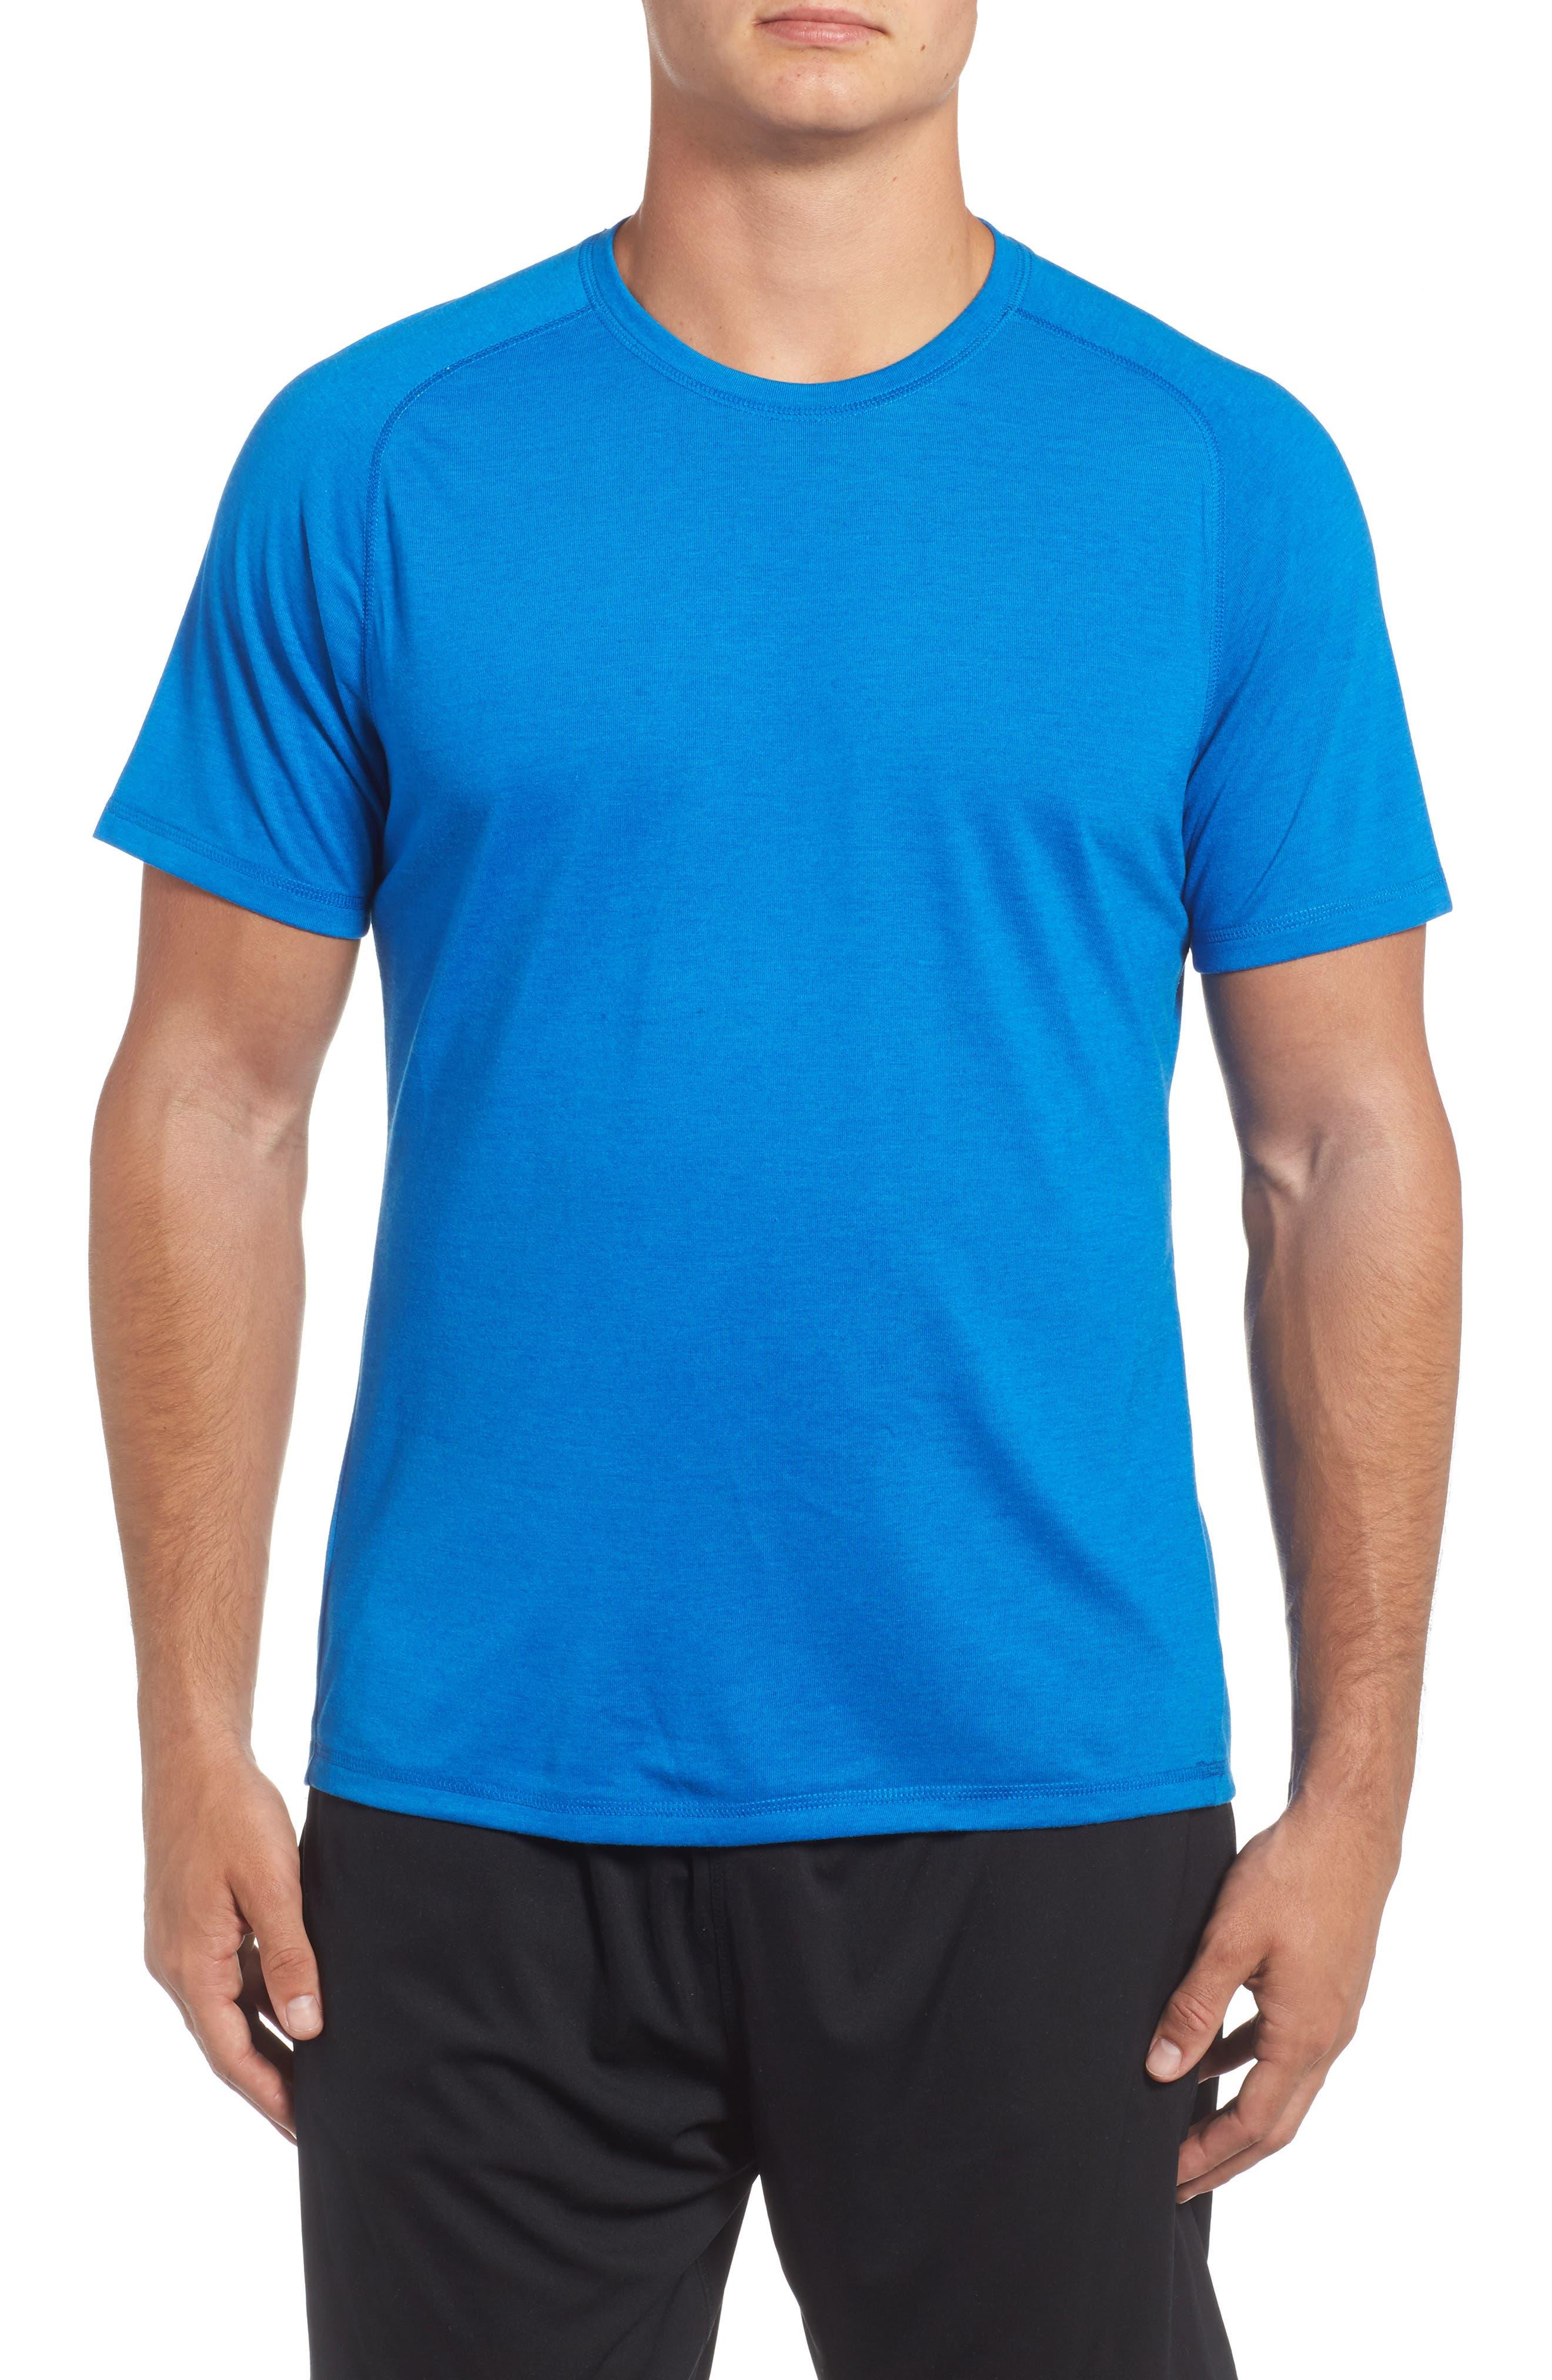 Celsian Training T-Shirt,                         Main,                         color, Blue Vivid